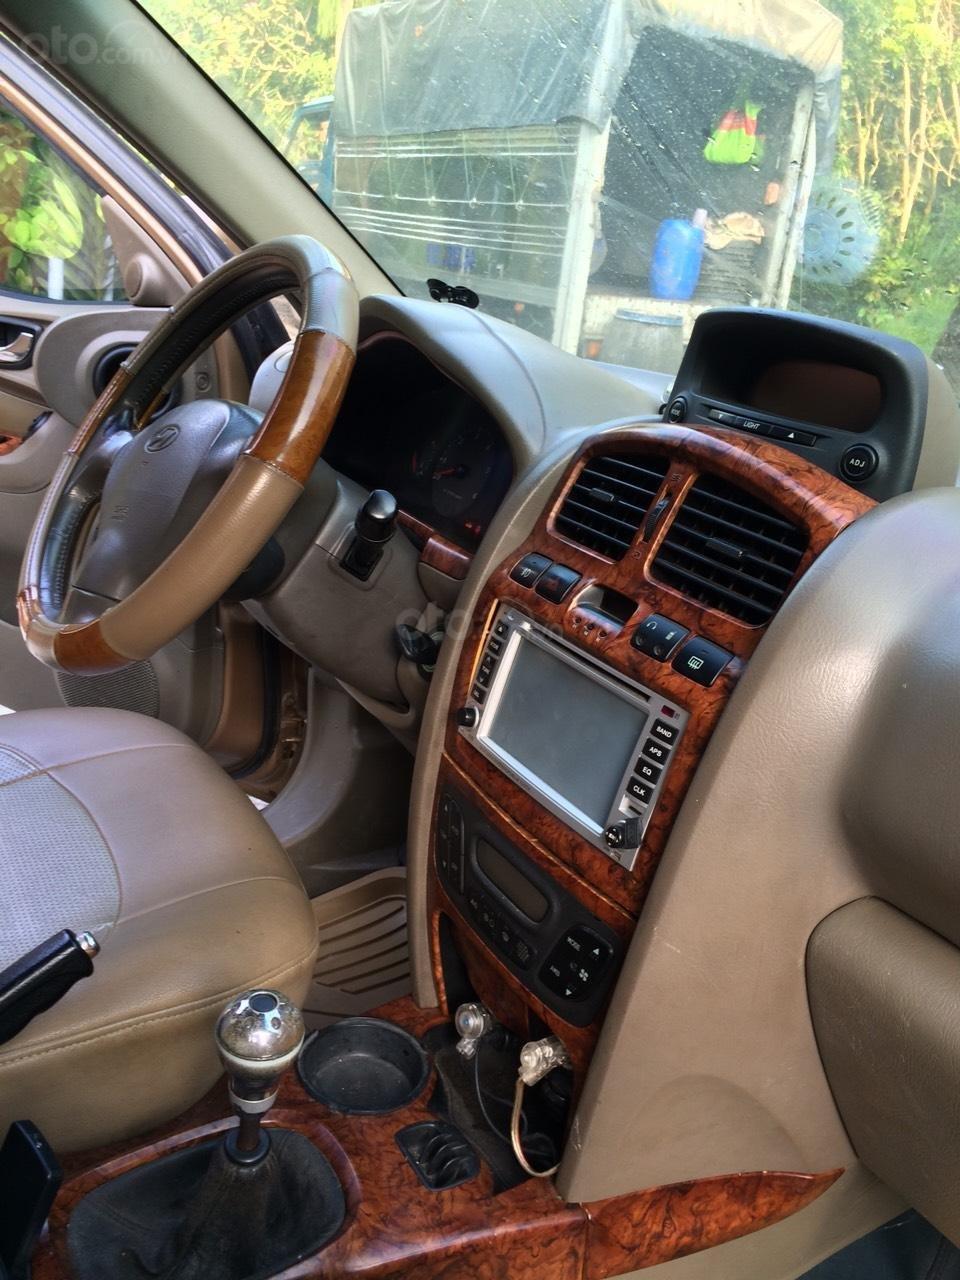 Bán Hyundai Santa Fe sản xuất năm 2003, màu nâu, nhập khẩu nguyên chiếc, giá 250tr (5)